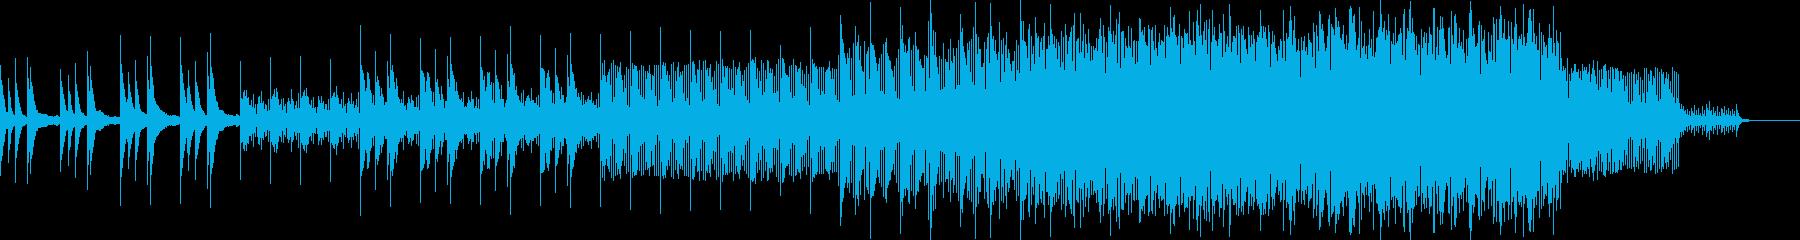 神秘的な雰囲気のエレクトロニカの再生済みの波形